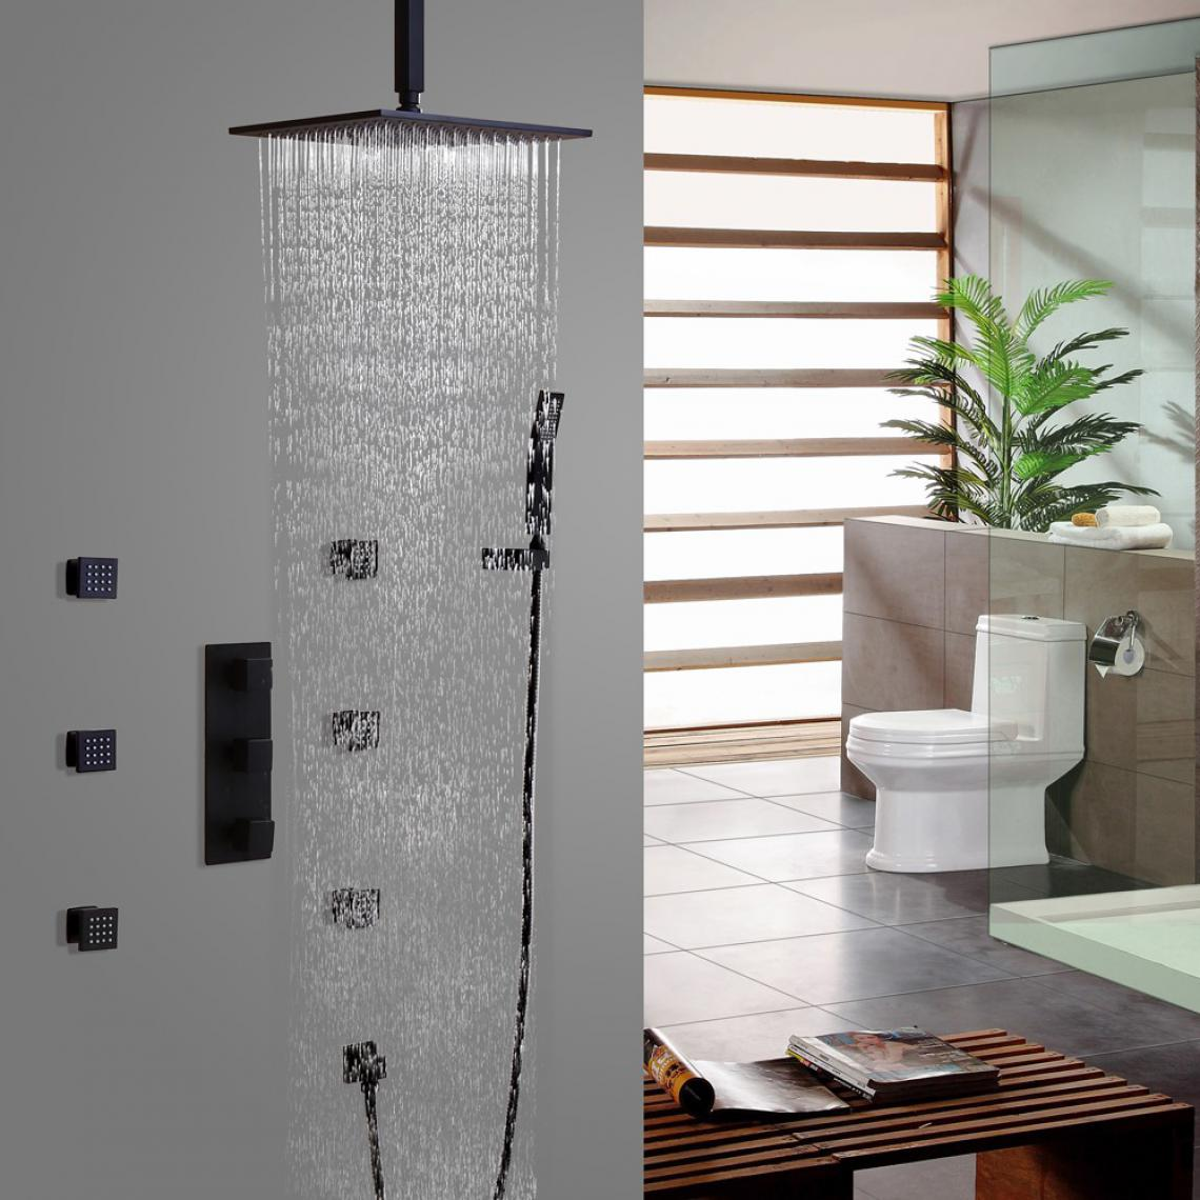 Kroos Système de douche plafond thermostatique en noir vanne thermostatique avec support mural 250 mm